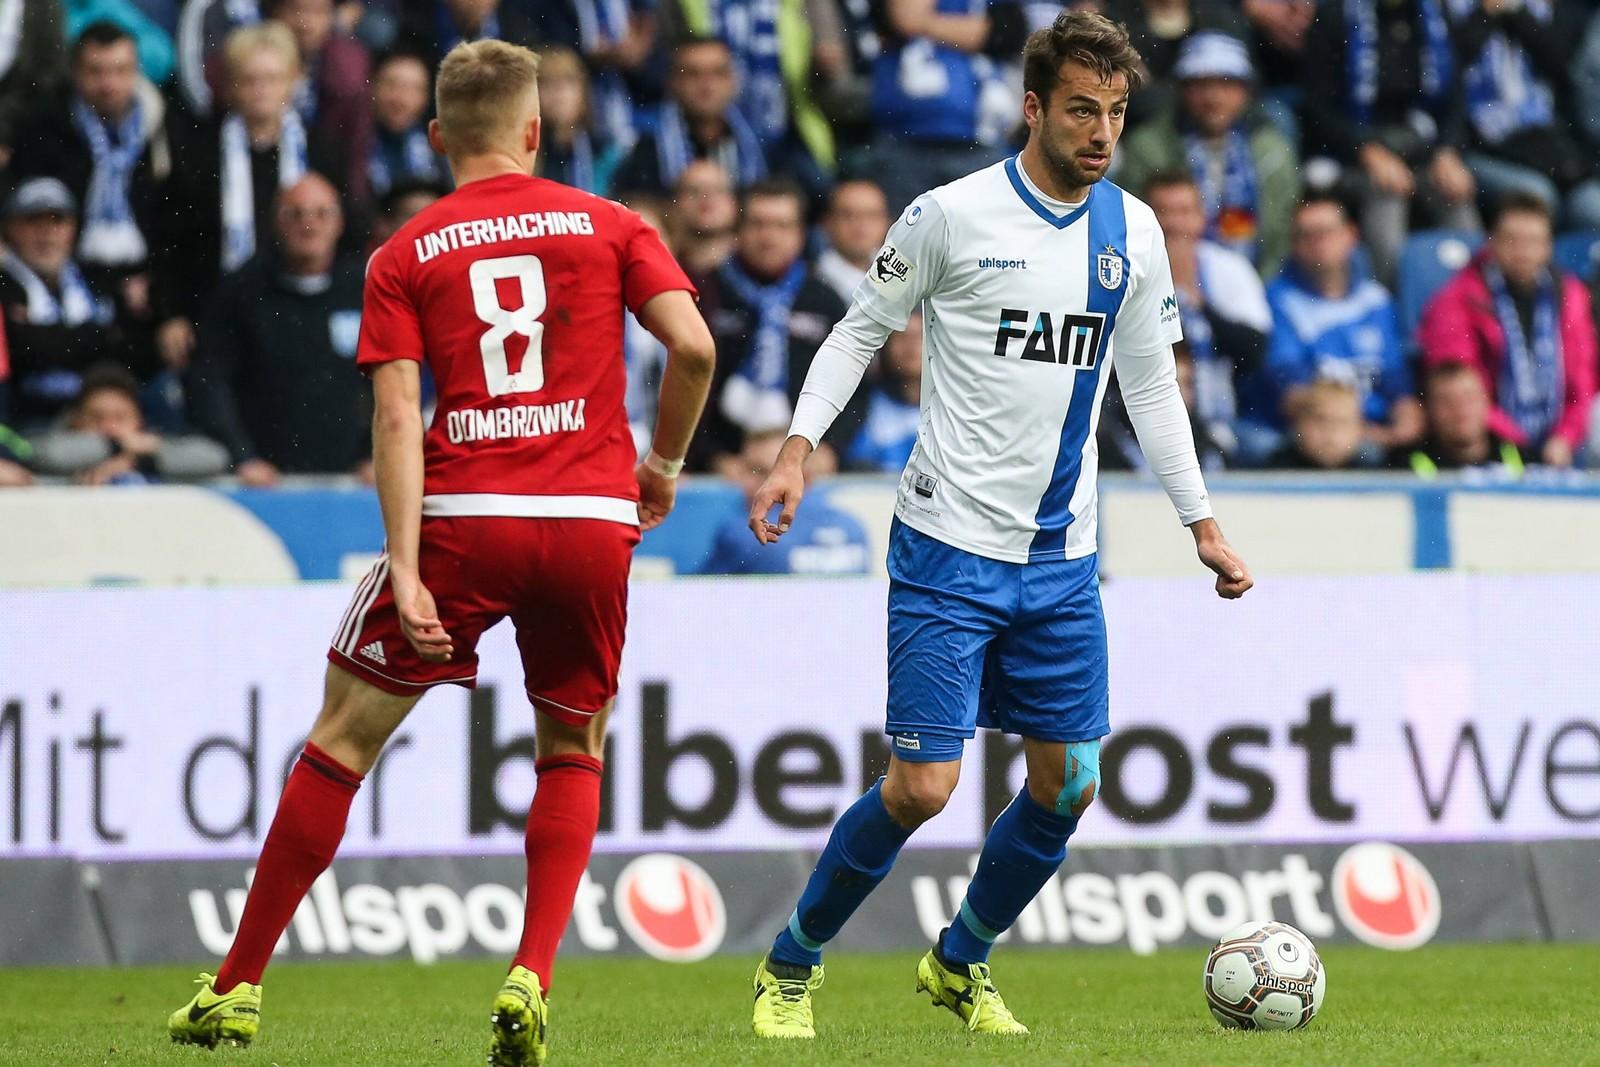 Christian Beck vom 1. FC Magdeburg gegen Max Dombrowka von Unterhaching